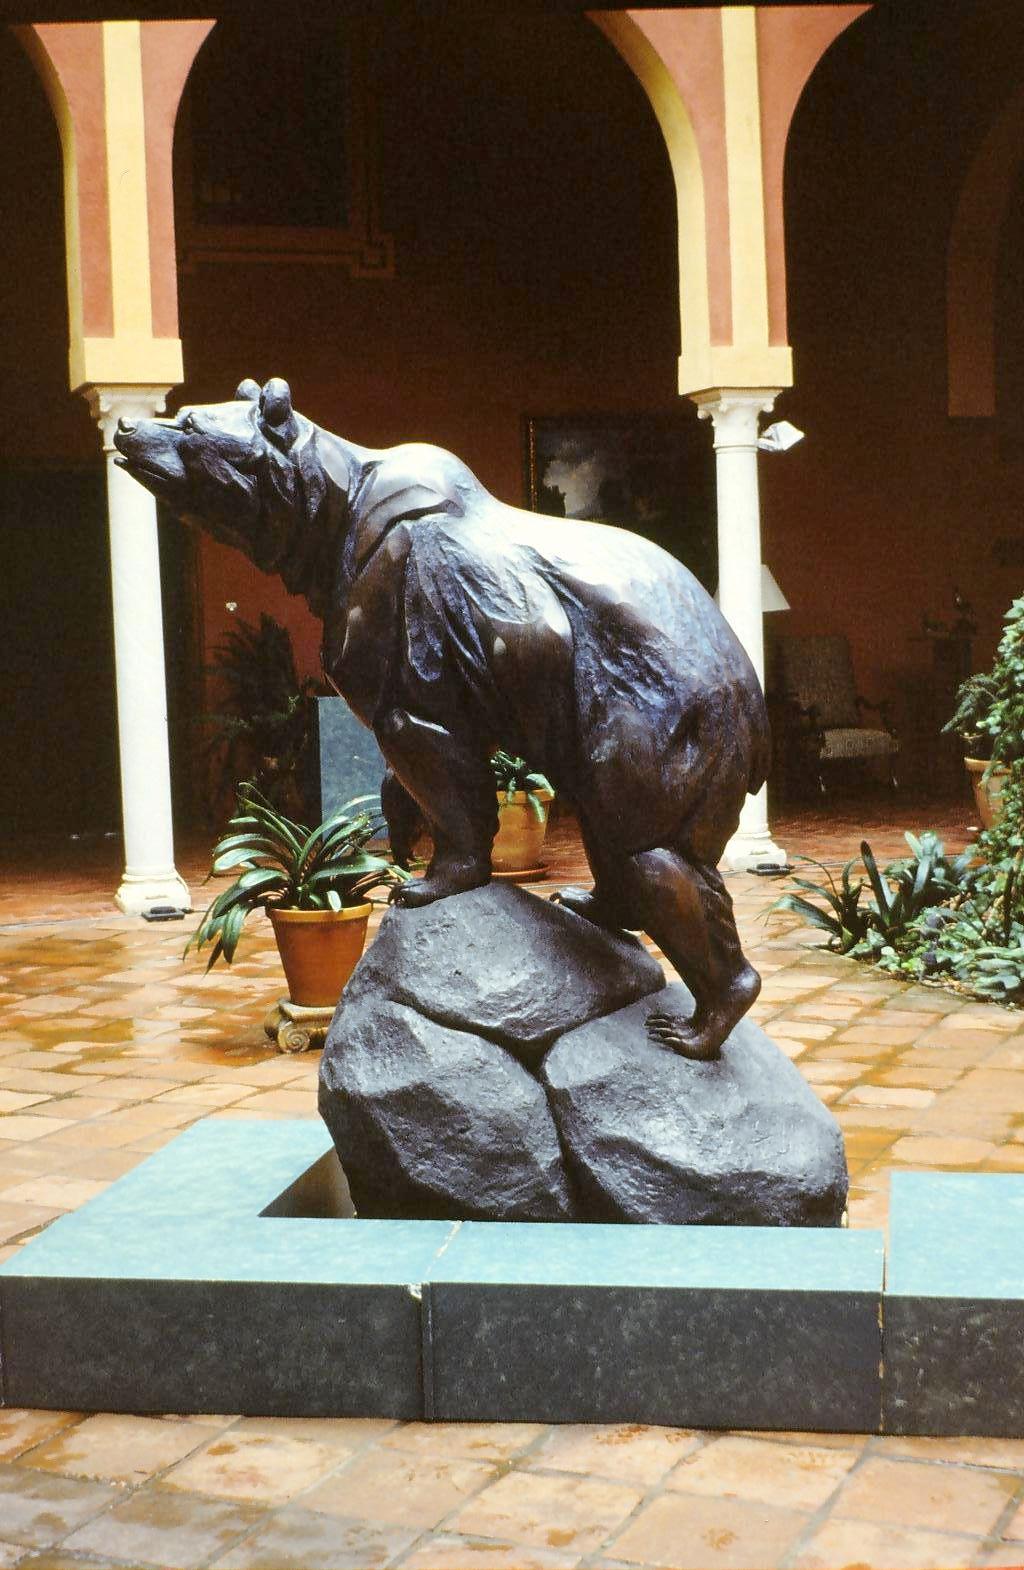 #bronce #escultura #oso #bronze #sculpture #bear